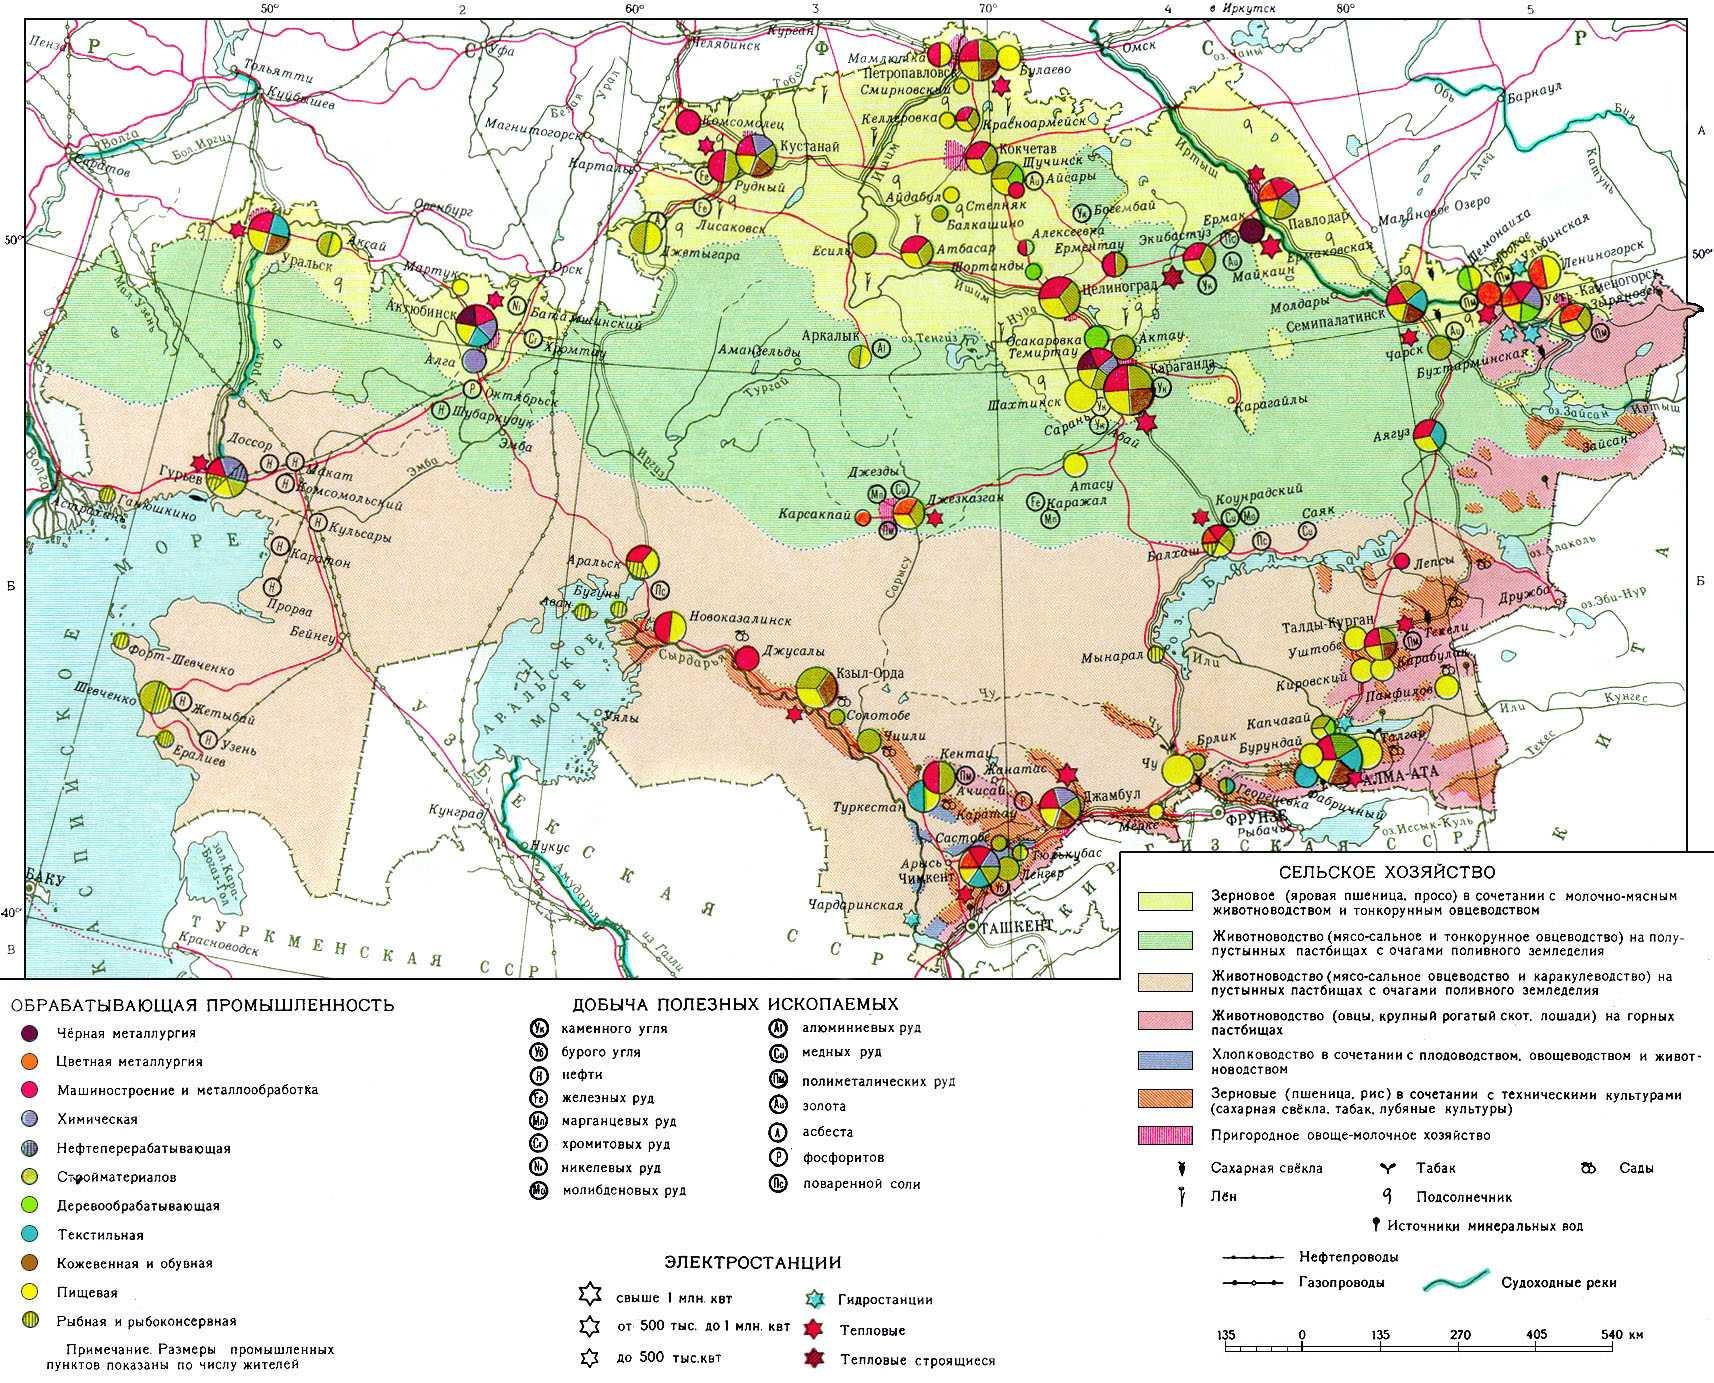 казахская республика реферат для 3 го класса